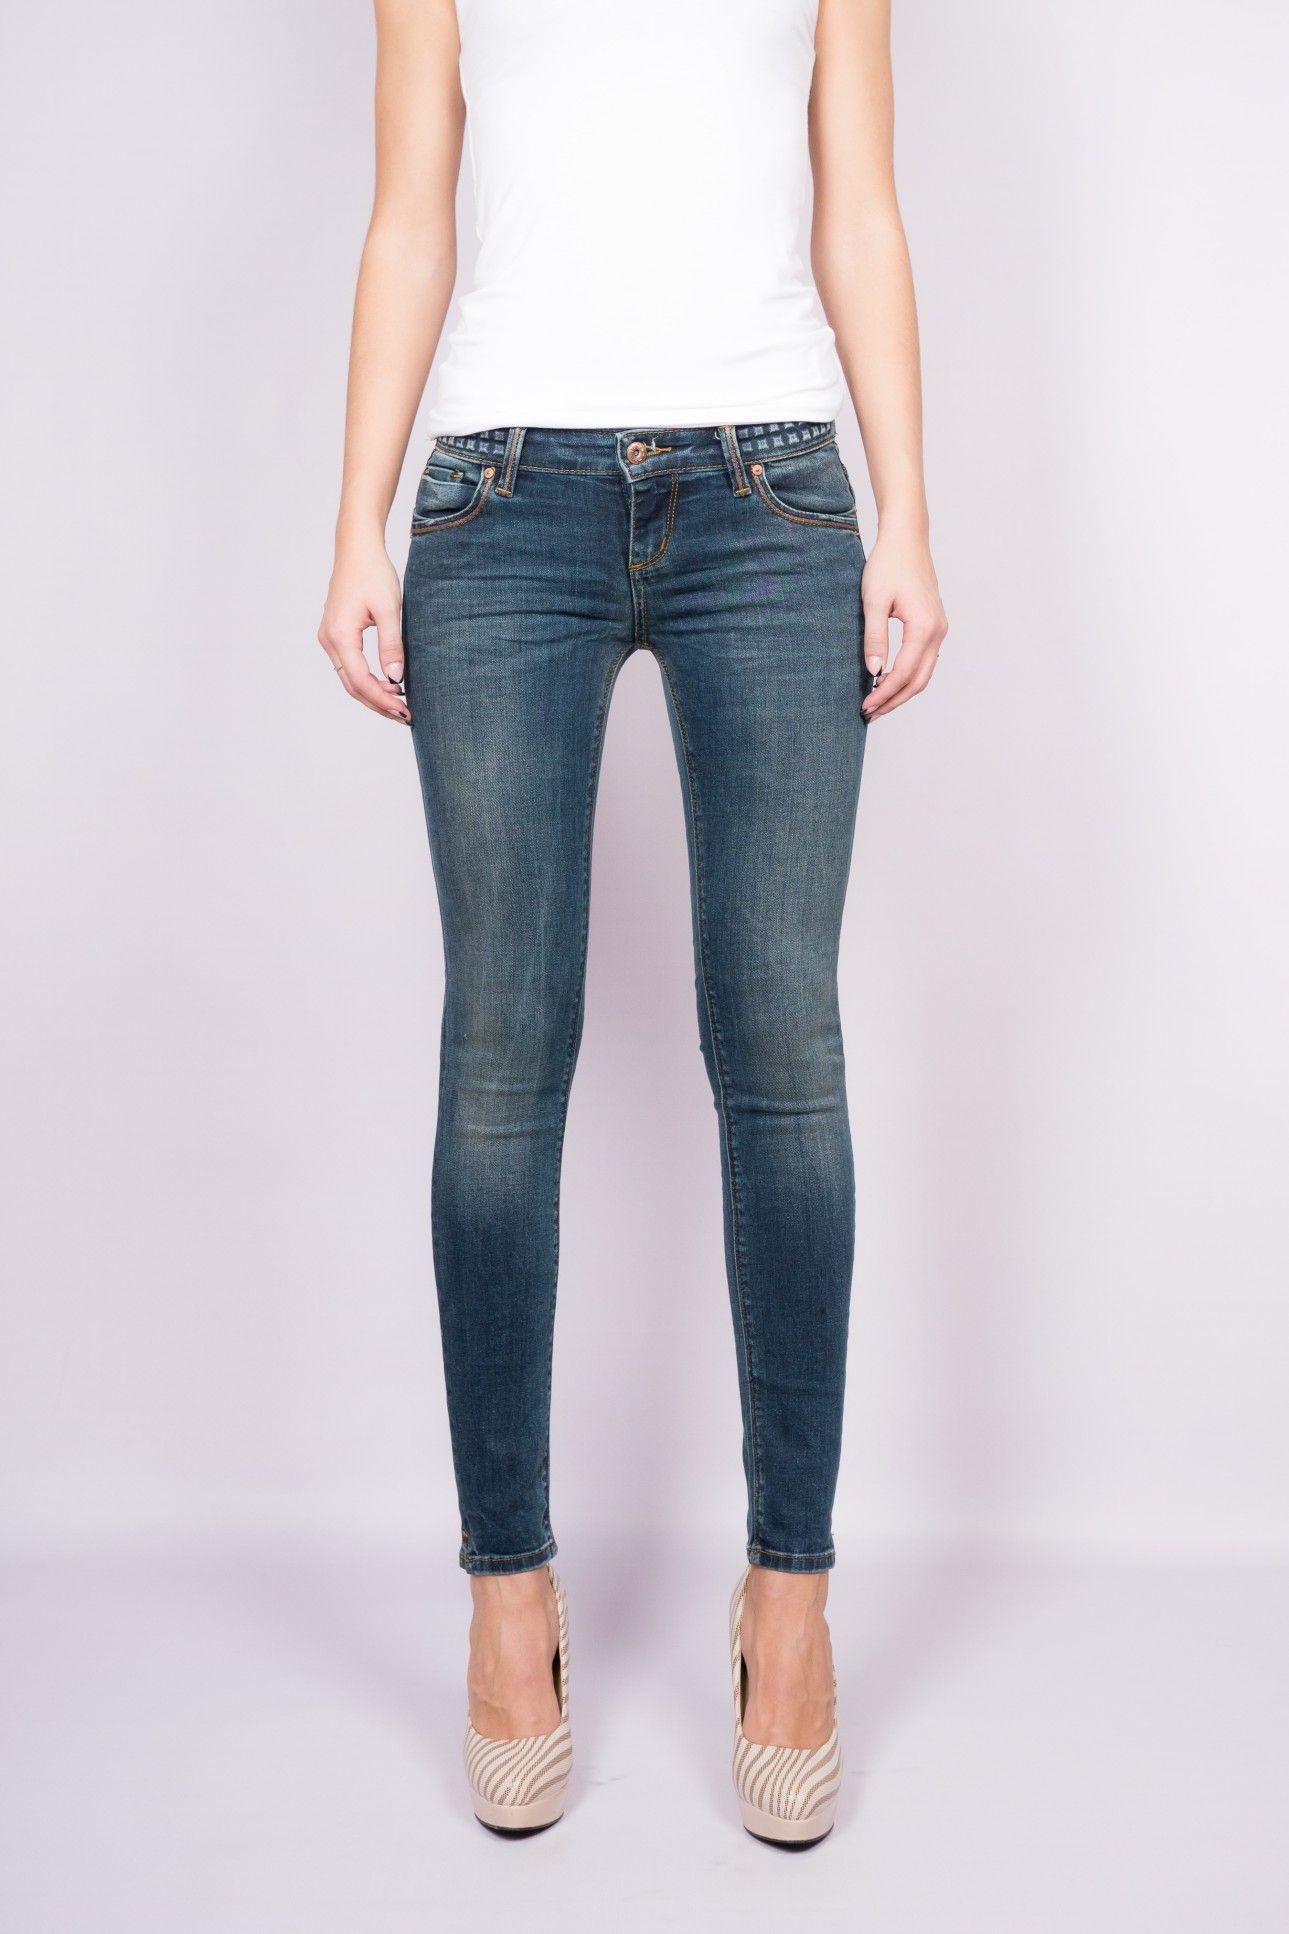 f976904c046 LTB 1009-50889-2221 4728 - купить женские джинсы - интернет магазин Jeans    Casual - Украина